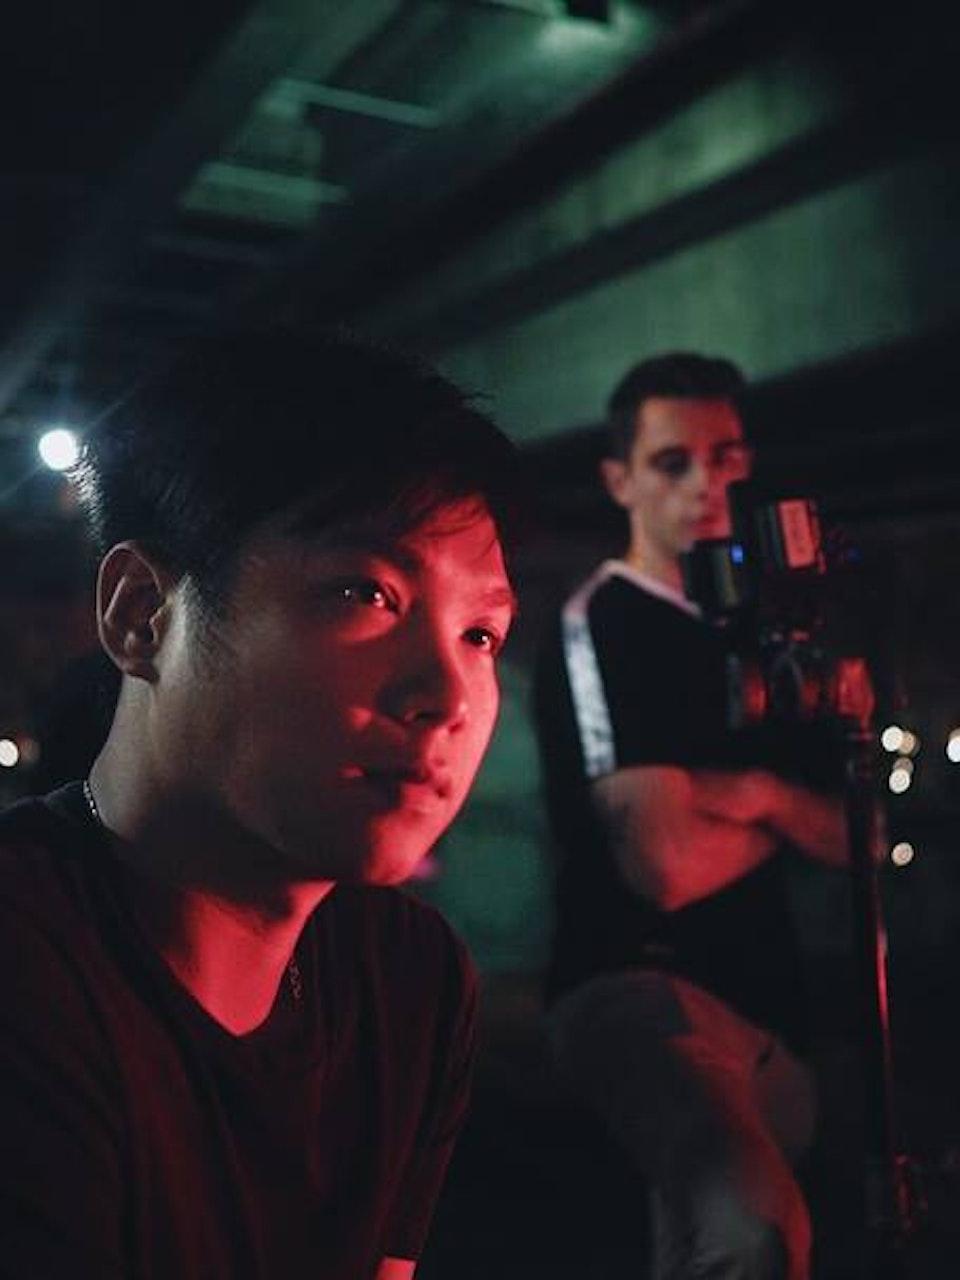 electriclimefilms - Uber 'I Earn. I Drive'